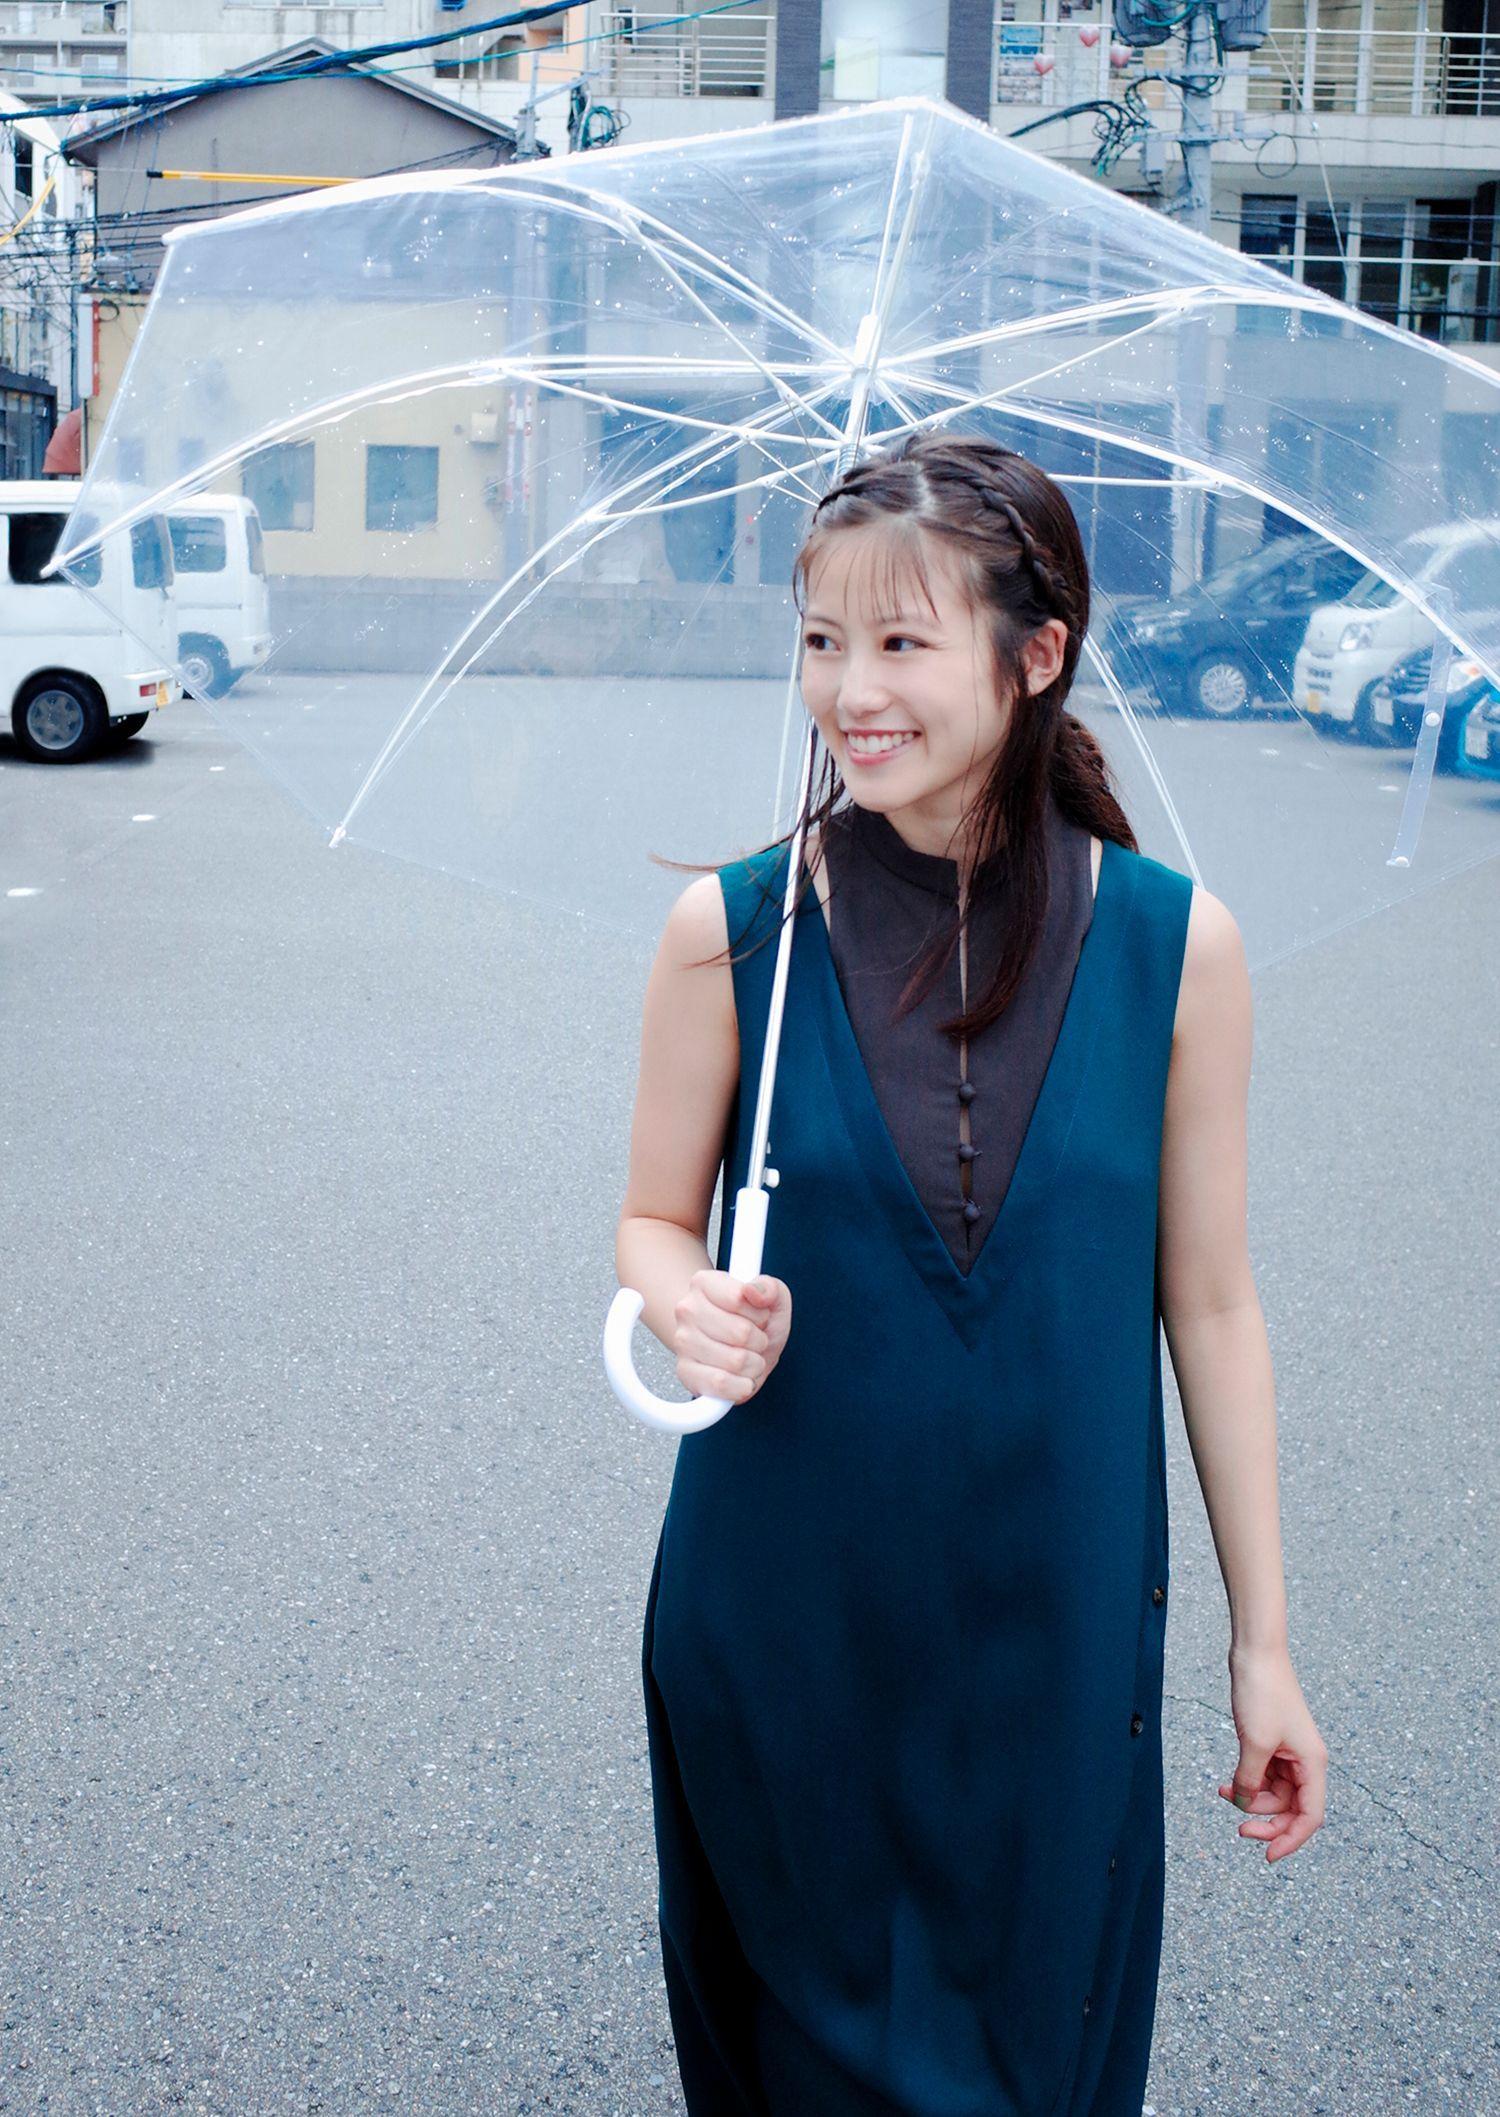 今田美樱Weekly Playboy写真集「スタミナ」 养眼图片 第21张